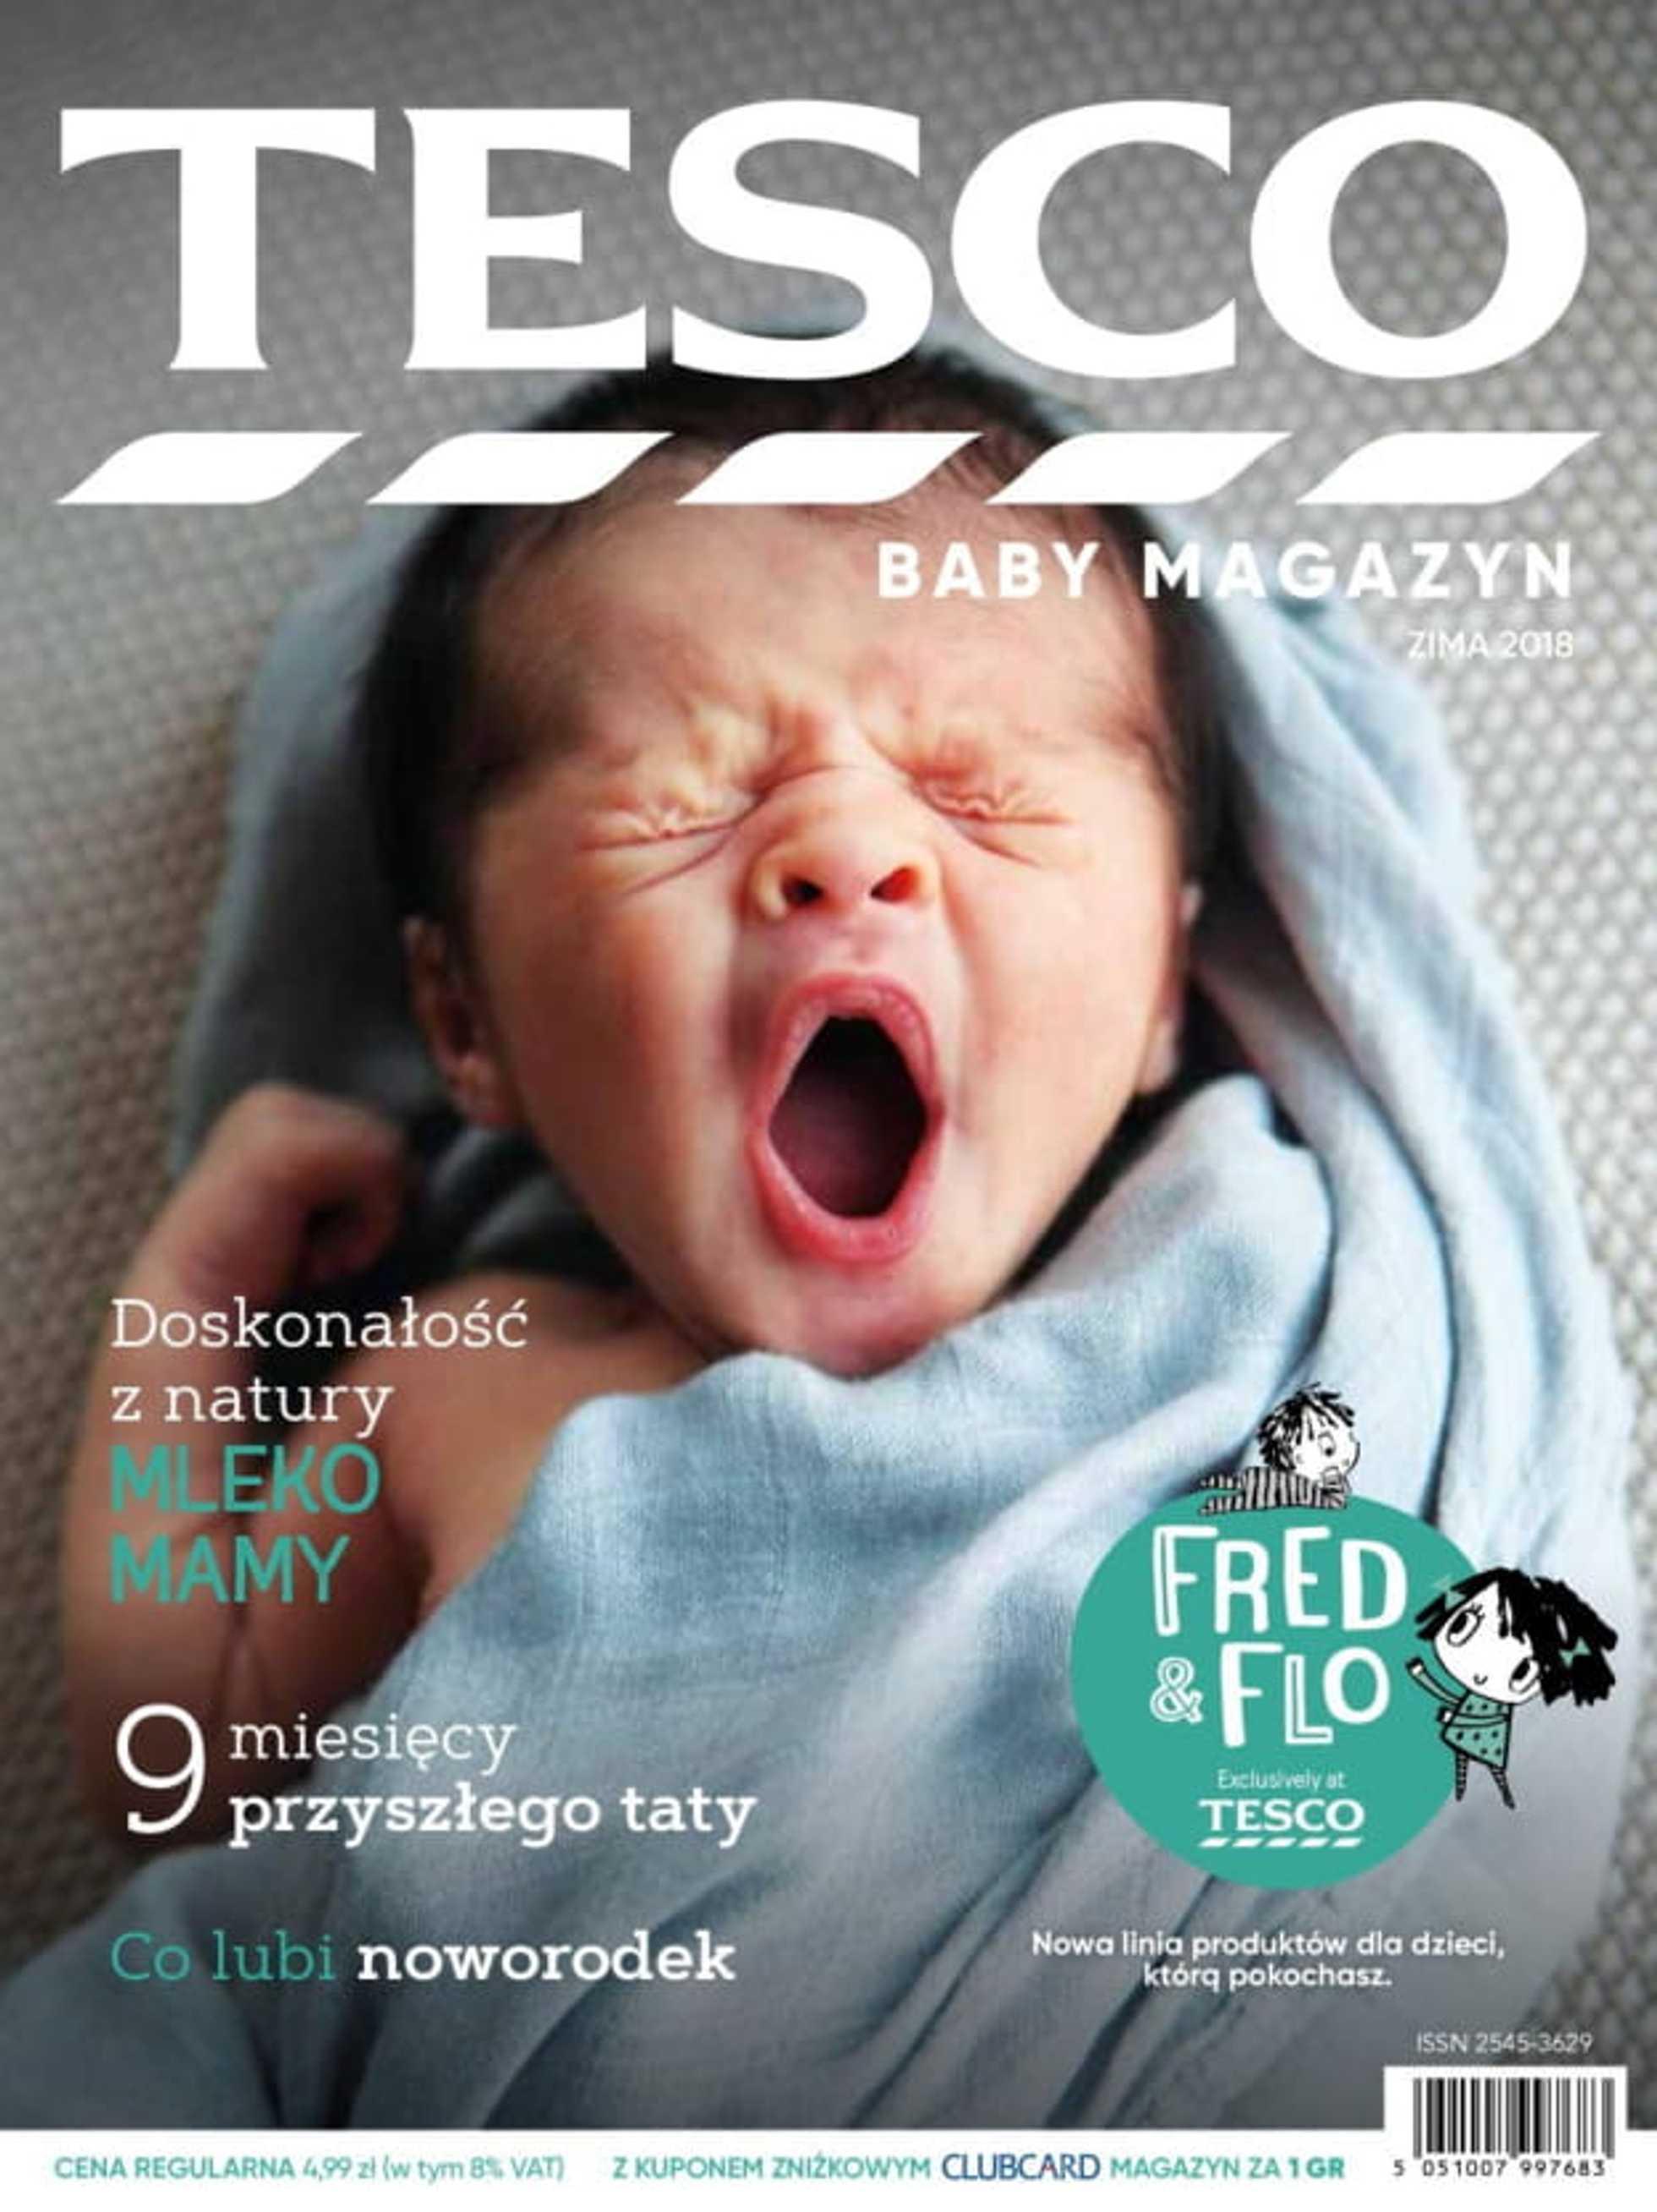 Tesco - gazetka promocyjna ważna od 05.11.2018 do 25.04.2019 - strona 1.